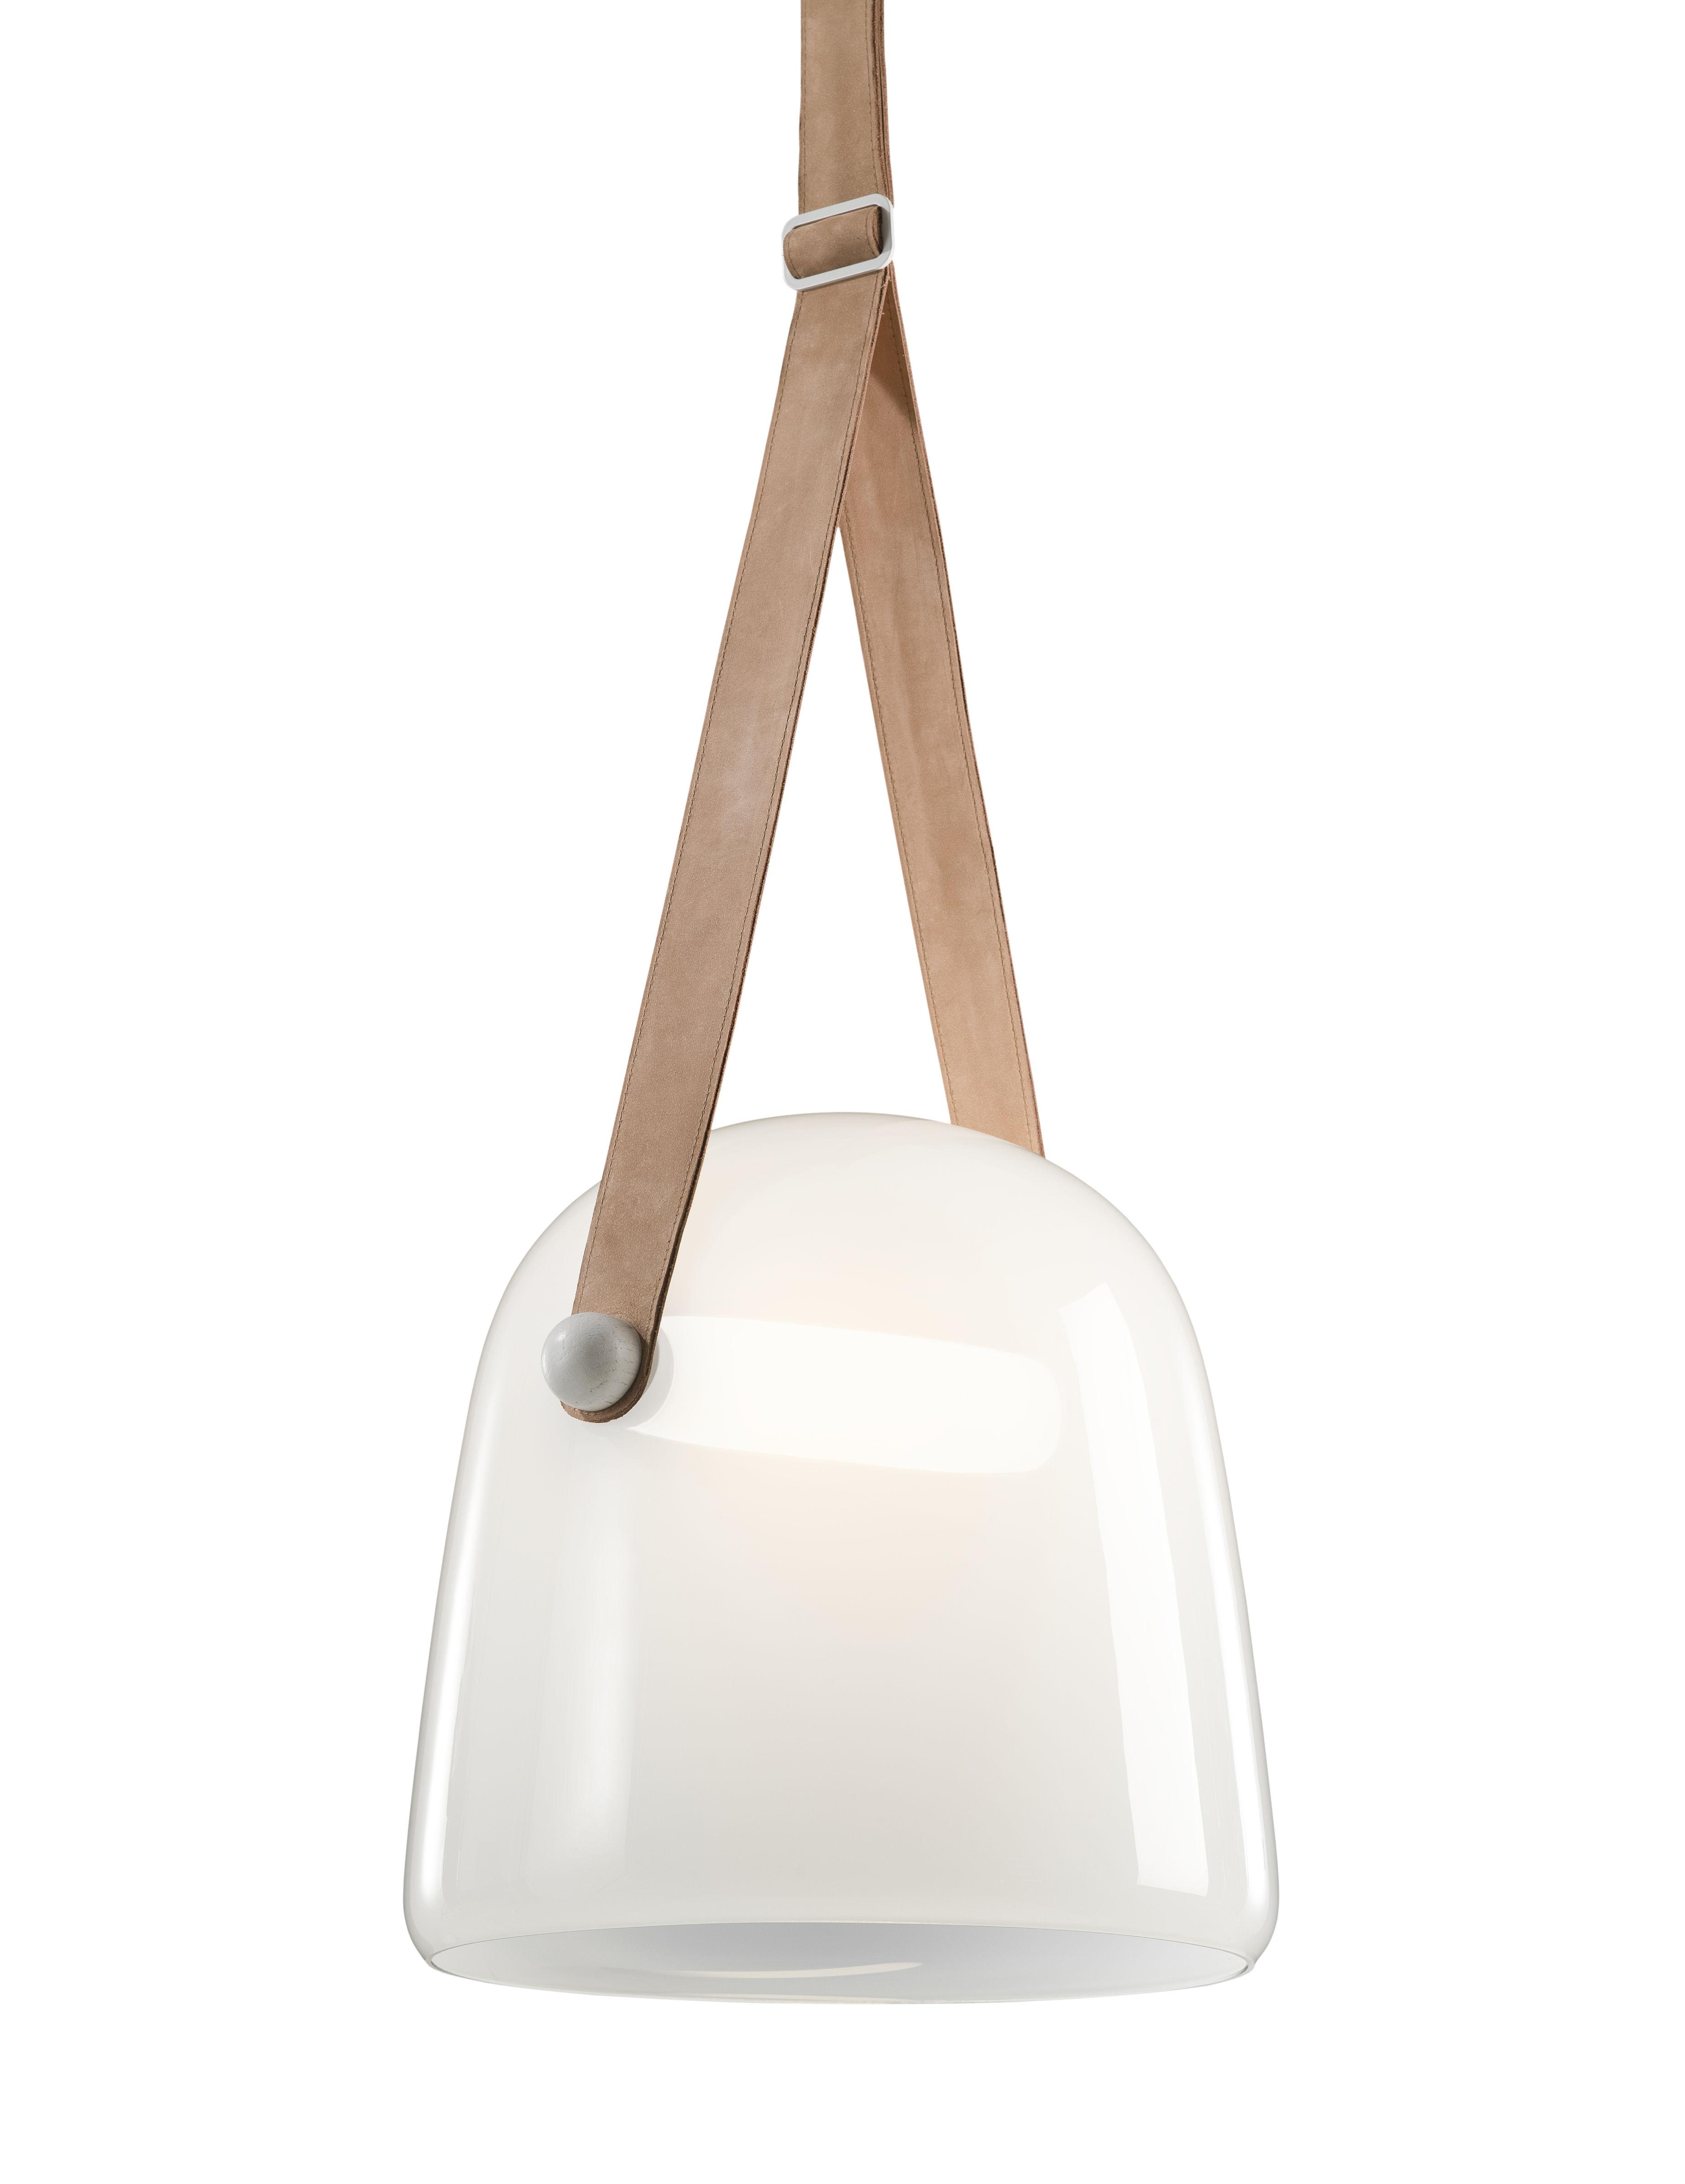 Leuchten - Pendelleuchten - Mona Pendelleuchte / Glas - Brokis - Weißes Opalglas / Leder natur - Cuir naturel, getönte Eiche, mundgeblasenes Glas